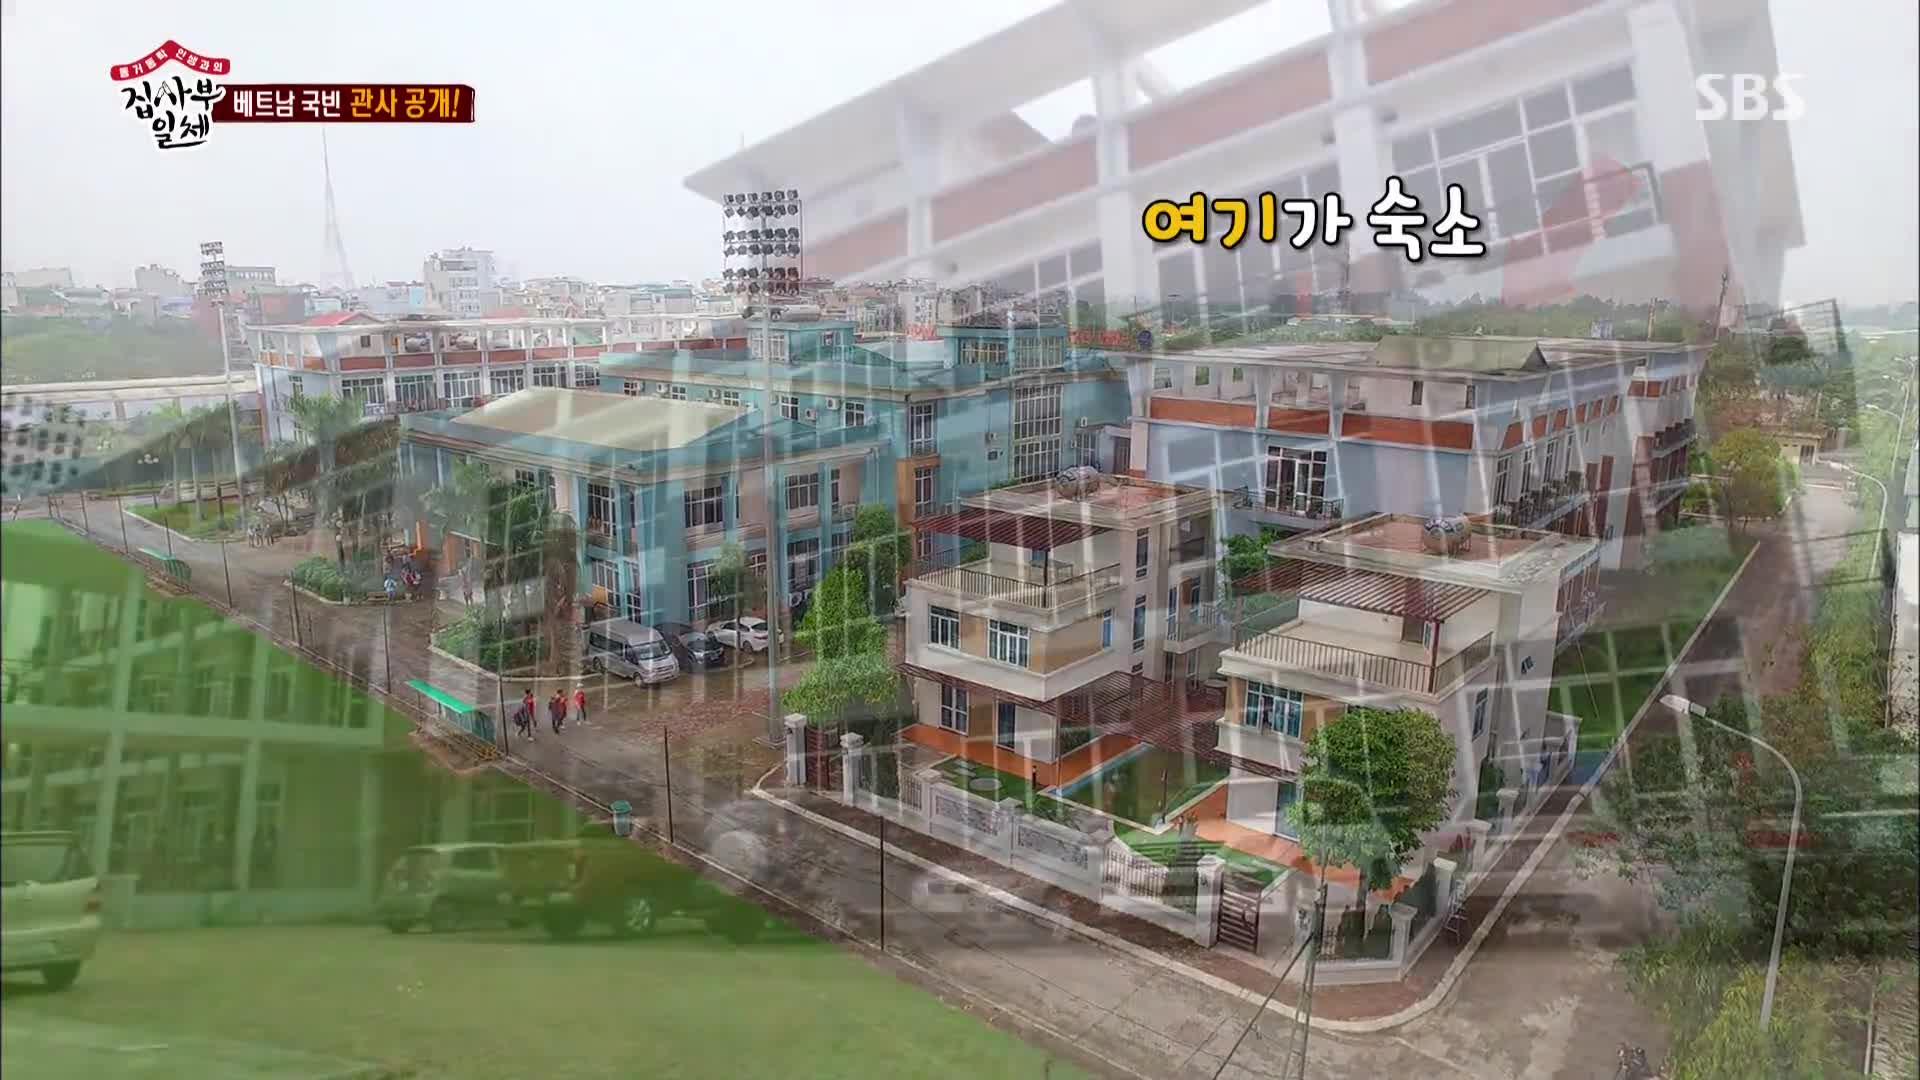 Khám phá biệt thự của HLV Park Hang-seo tại Hà Nội